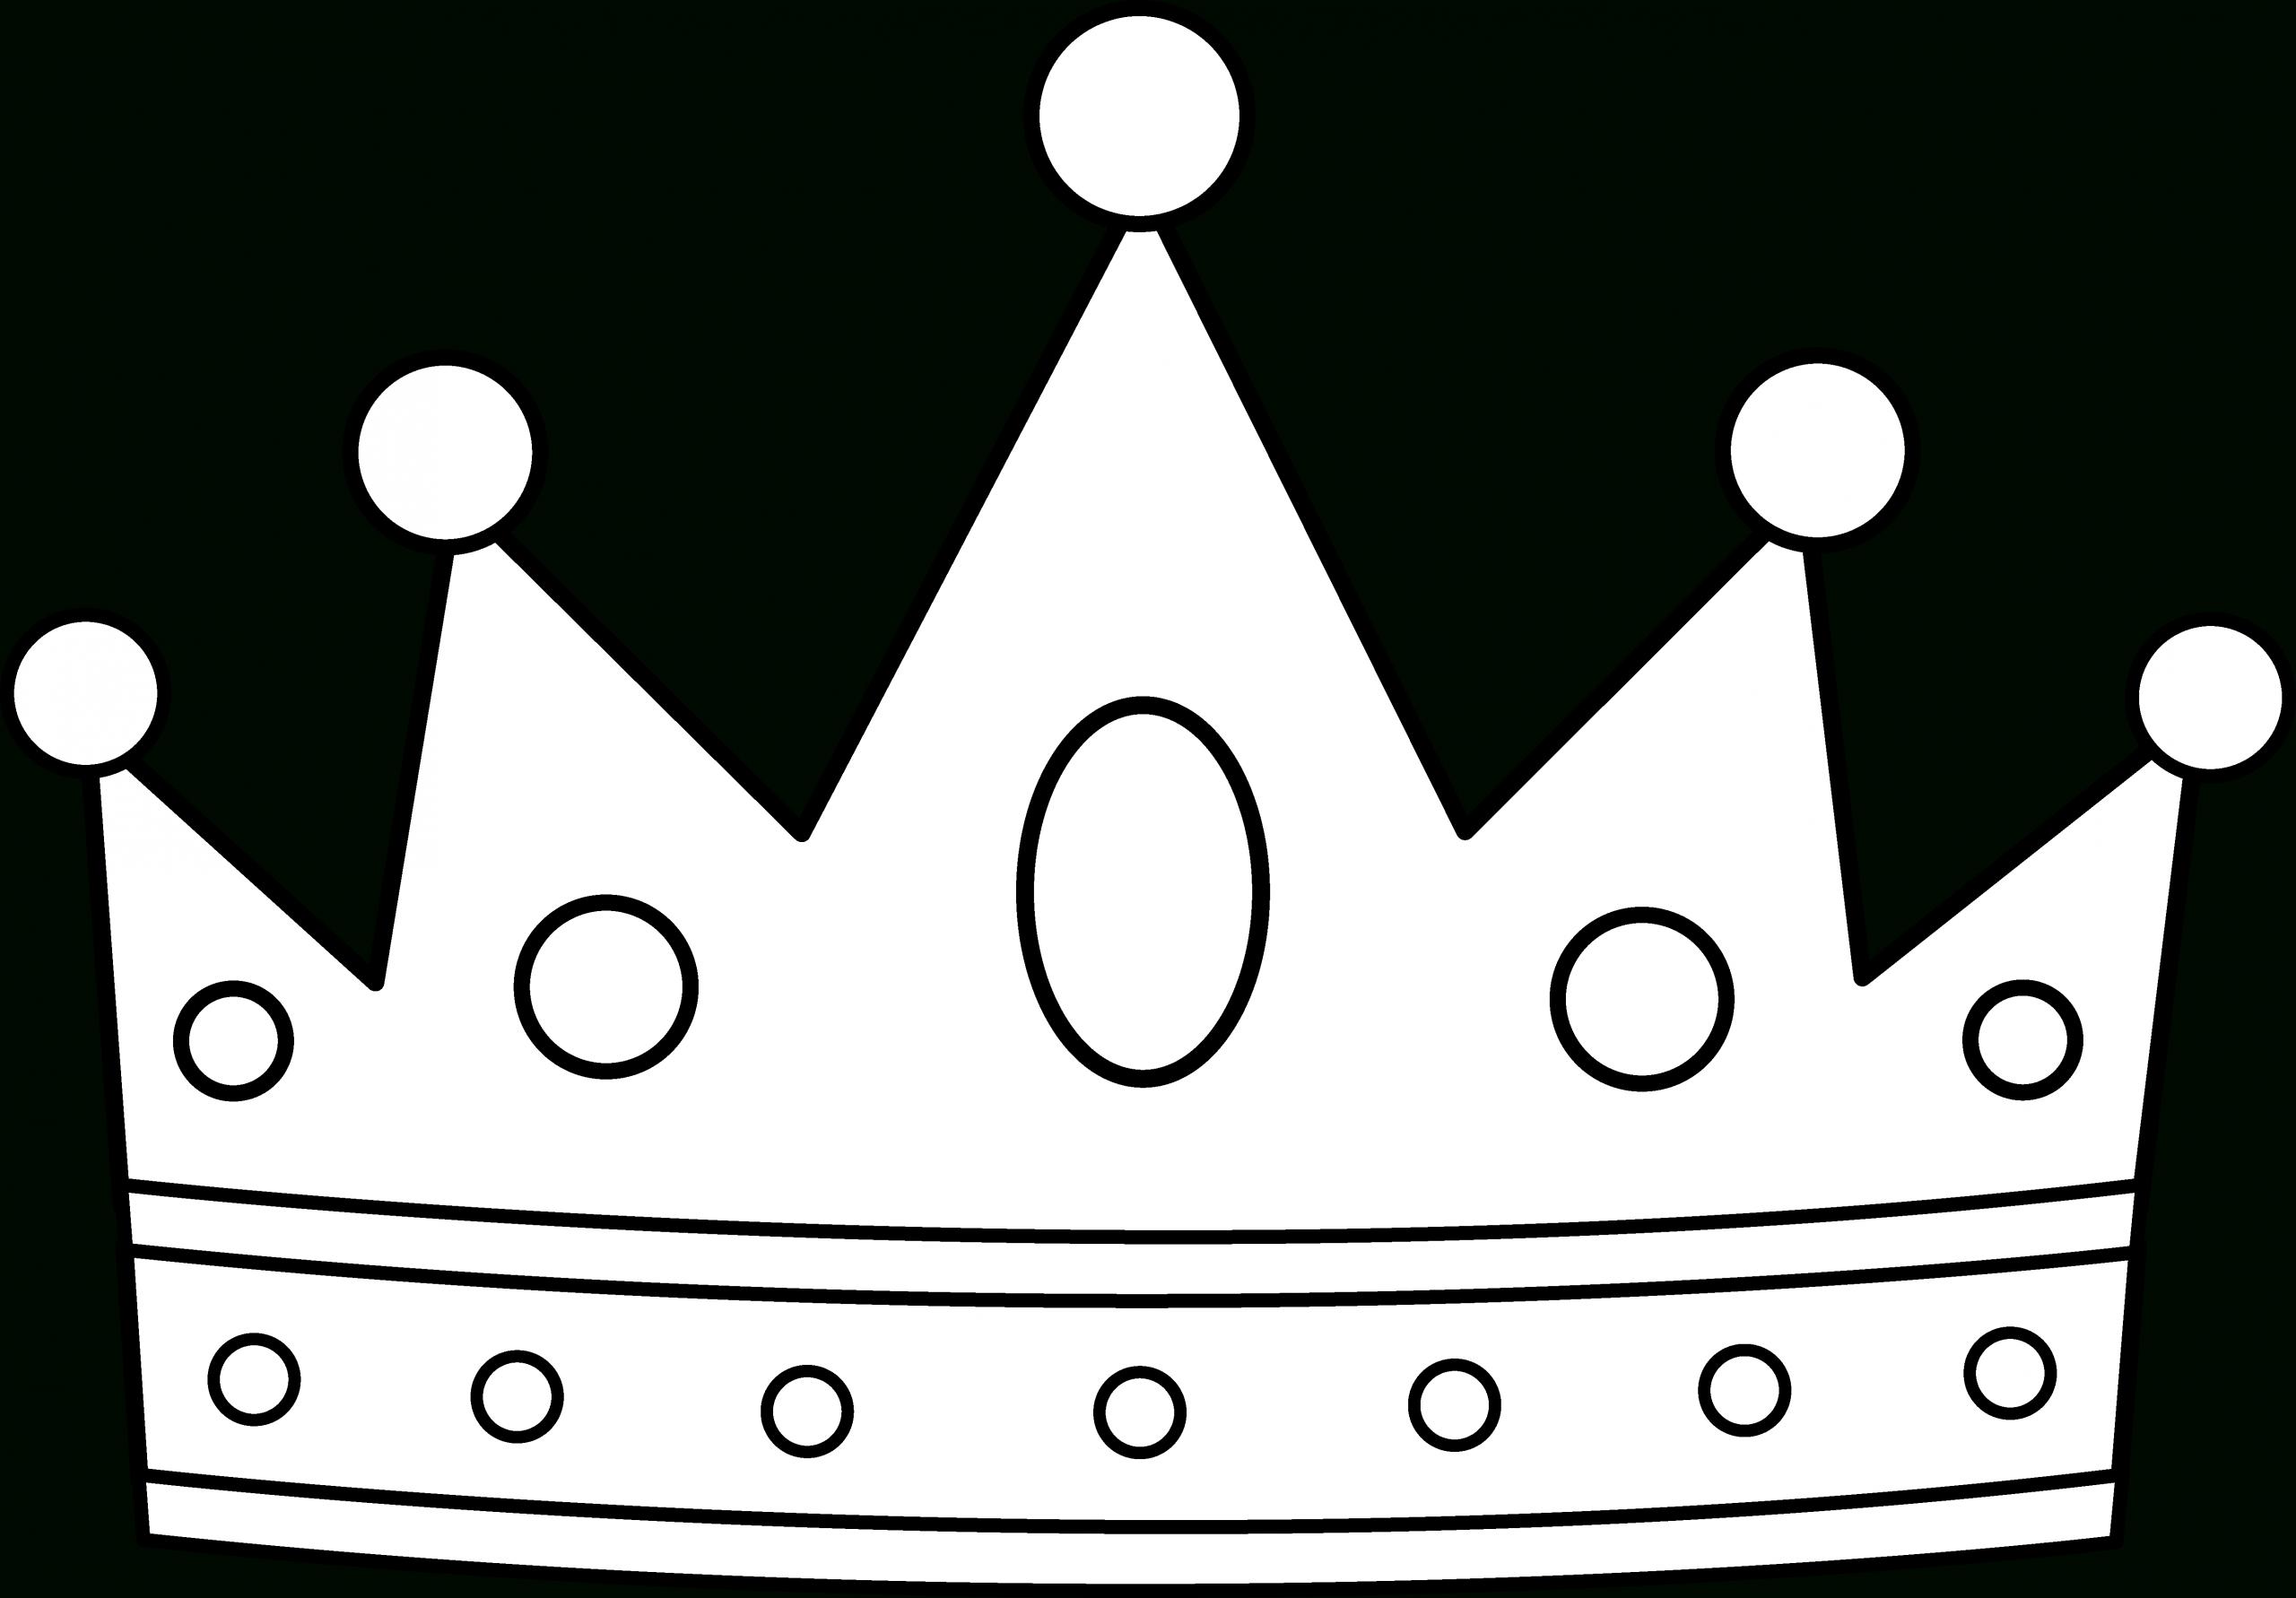 Royal Crown Line Art | Malvorlage Prinzessin, Krone Basteln über Malvorlage Krone